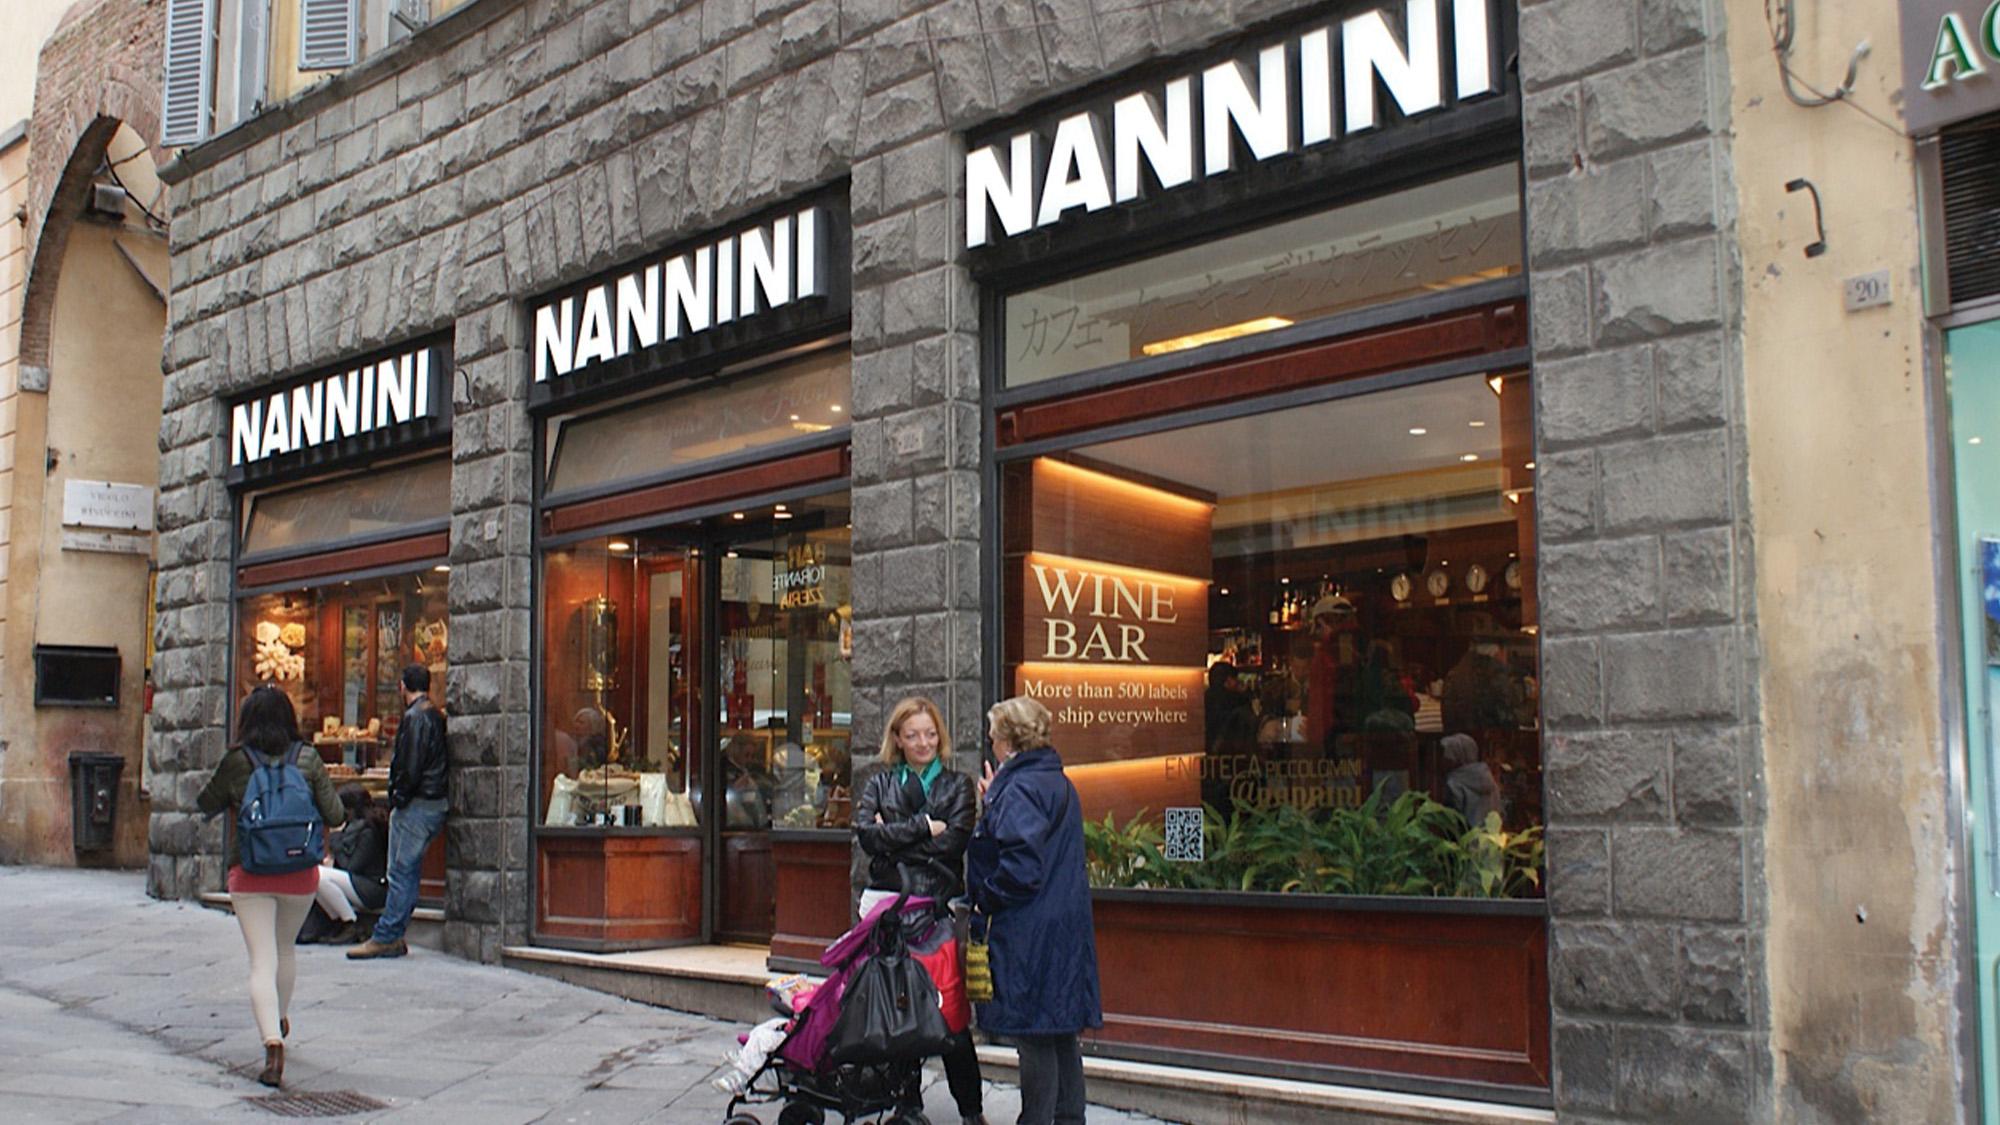 Nannini wine bar